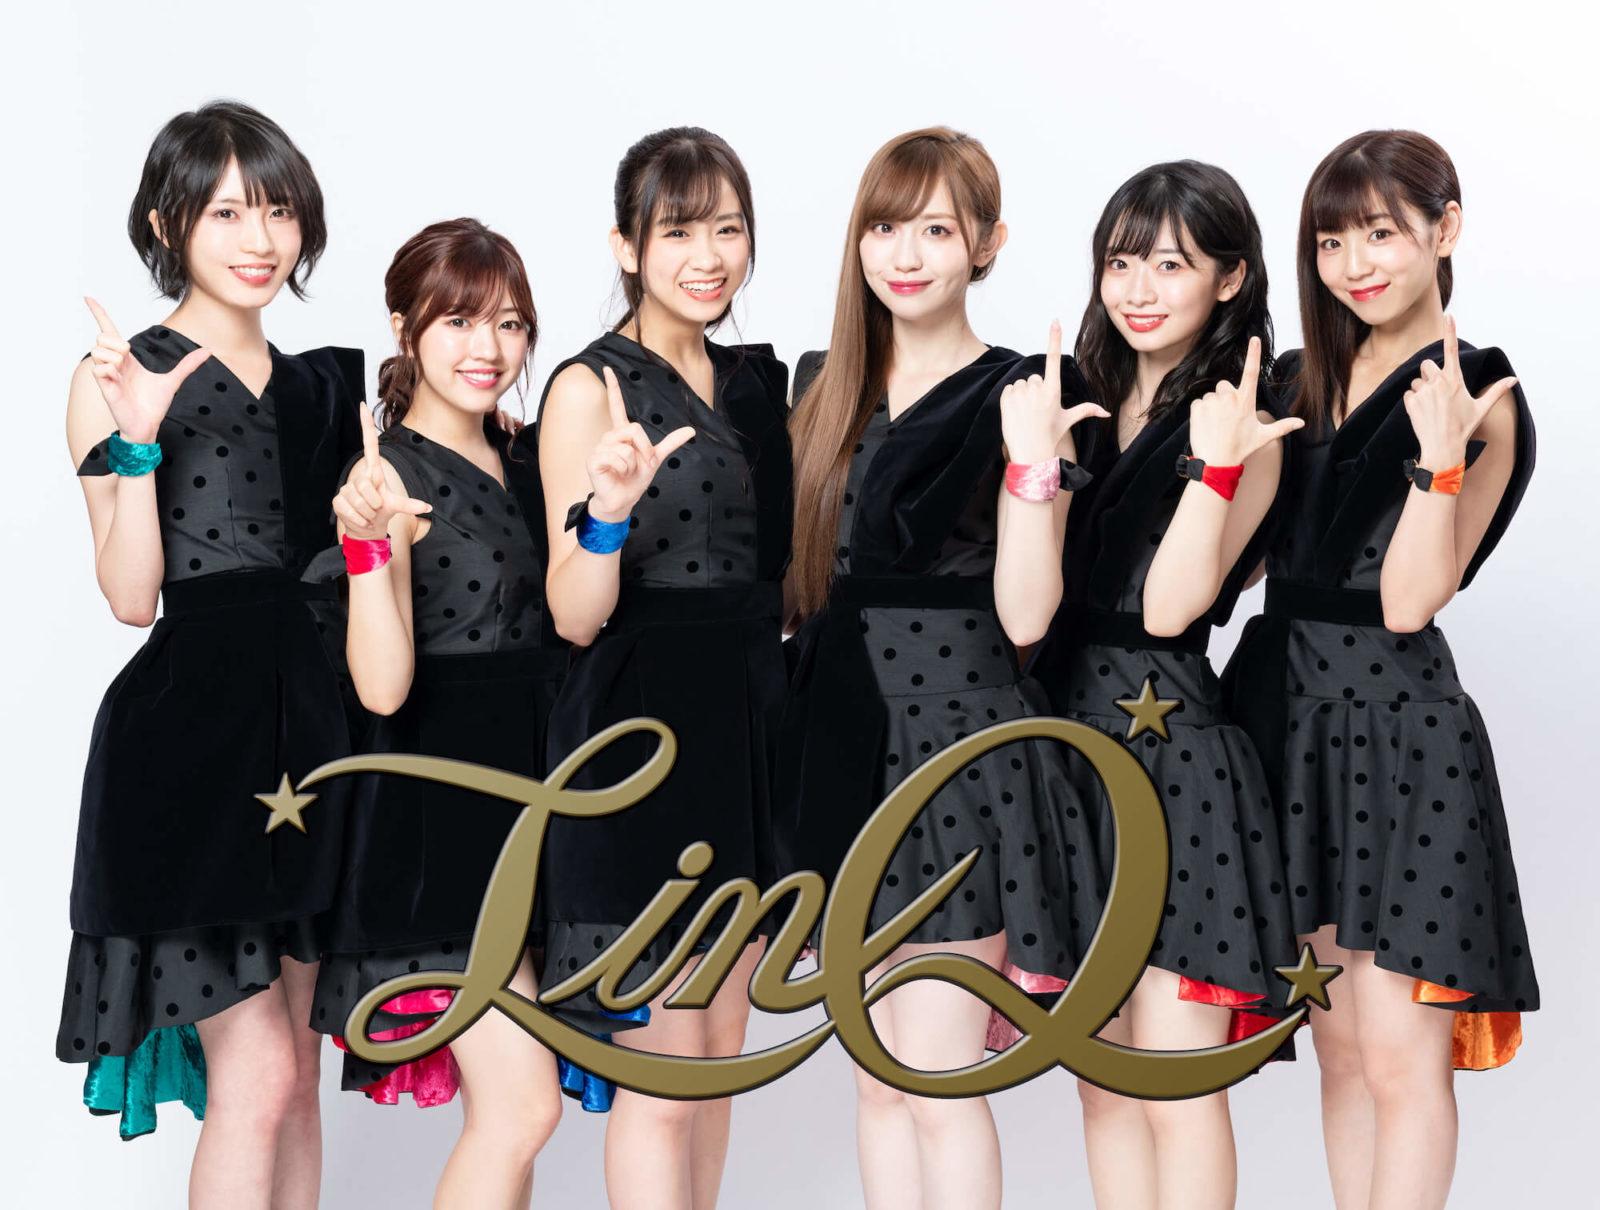 結成9年目!6名体制でのスタートを切ったLinQ、目標はマリンメッセ福岡でのライブ【インタビュー前編】サムネイル画像!